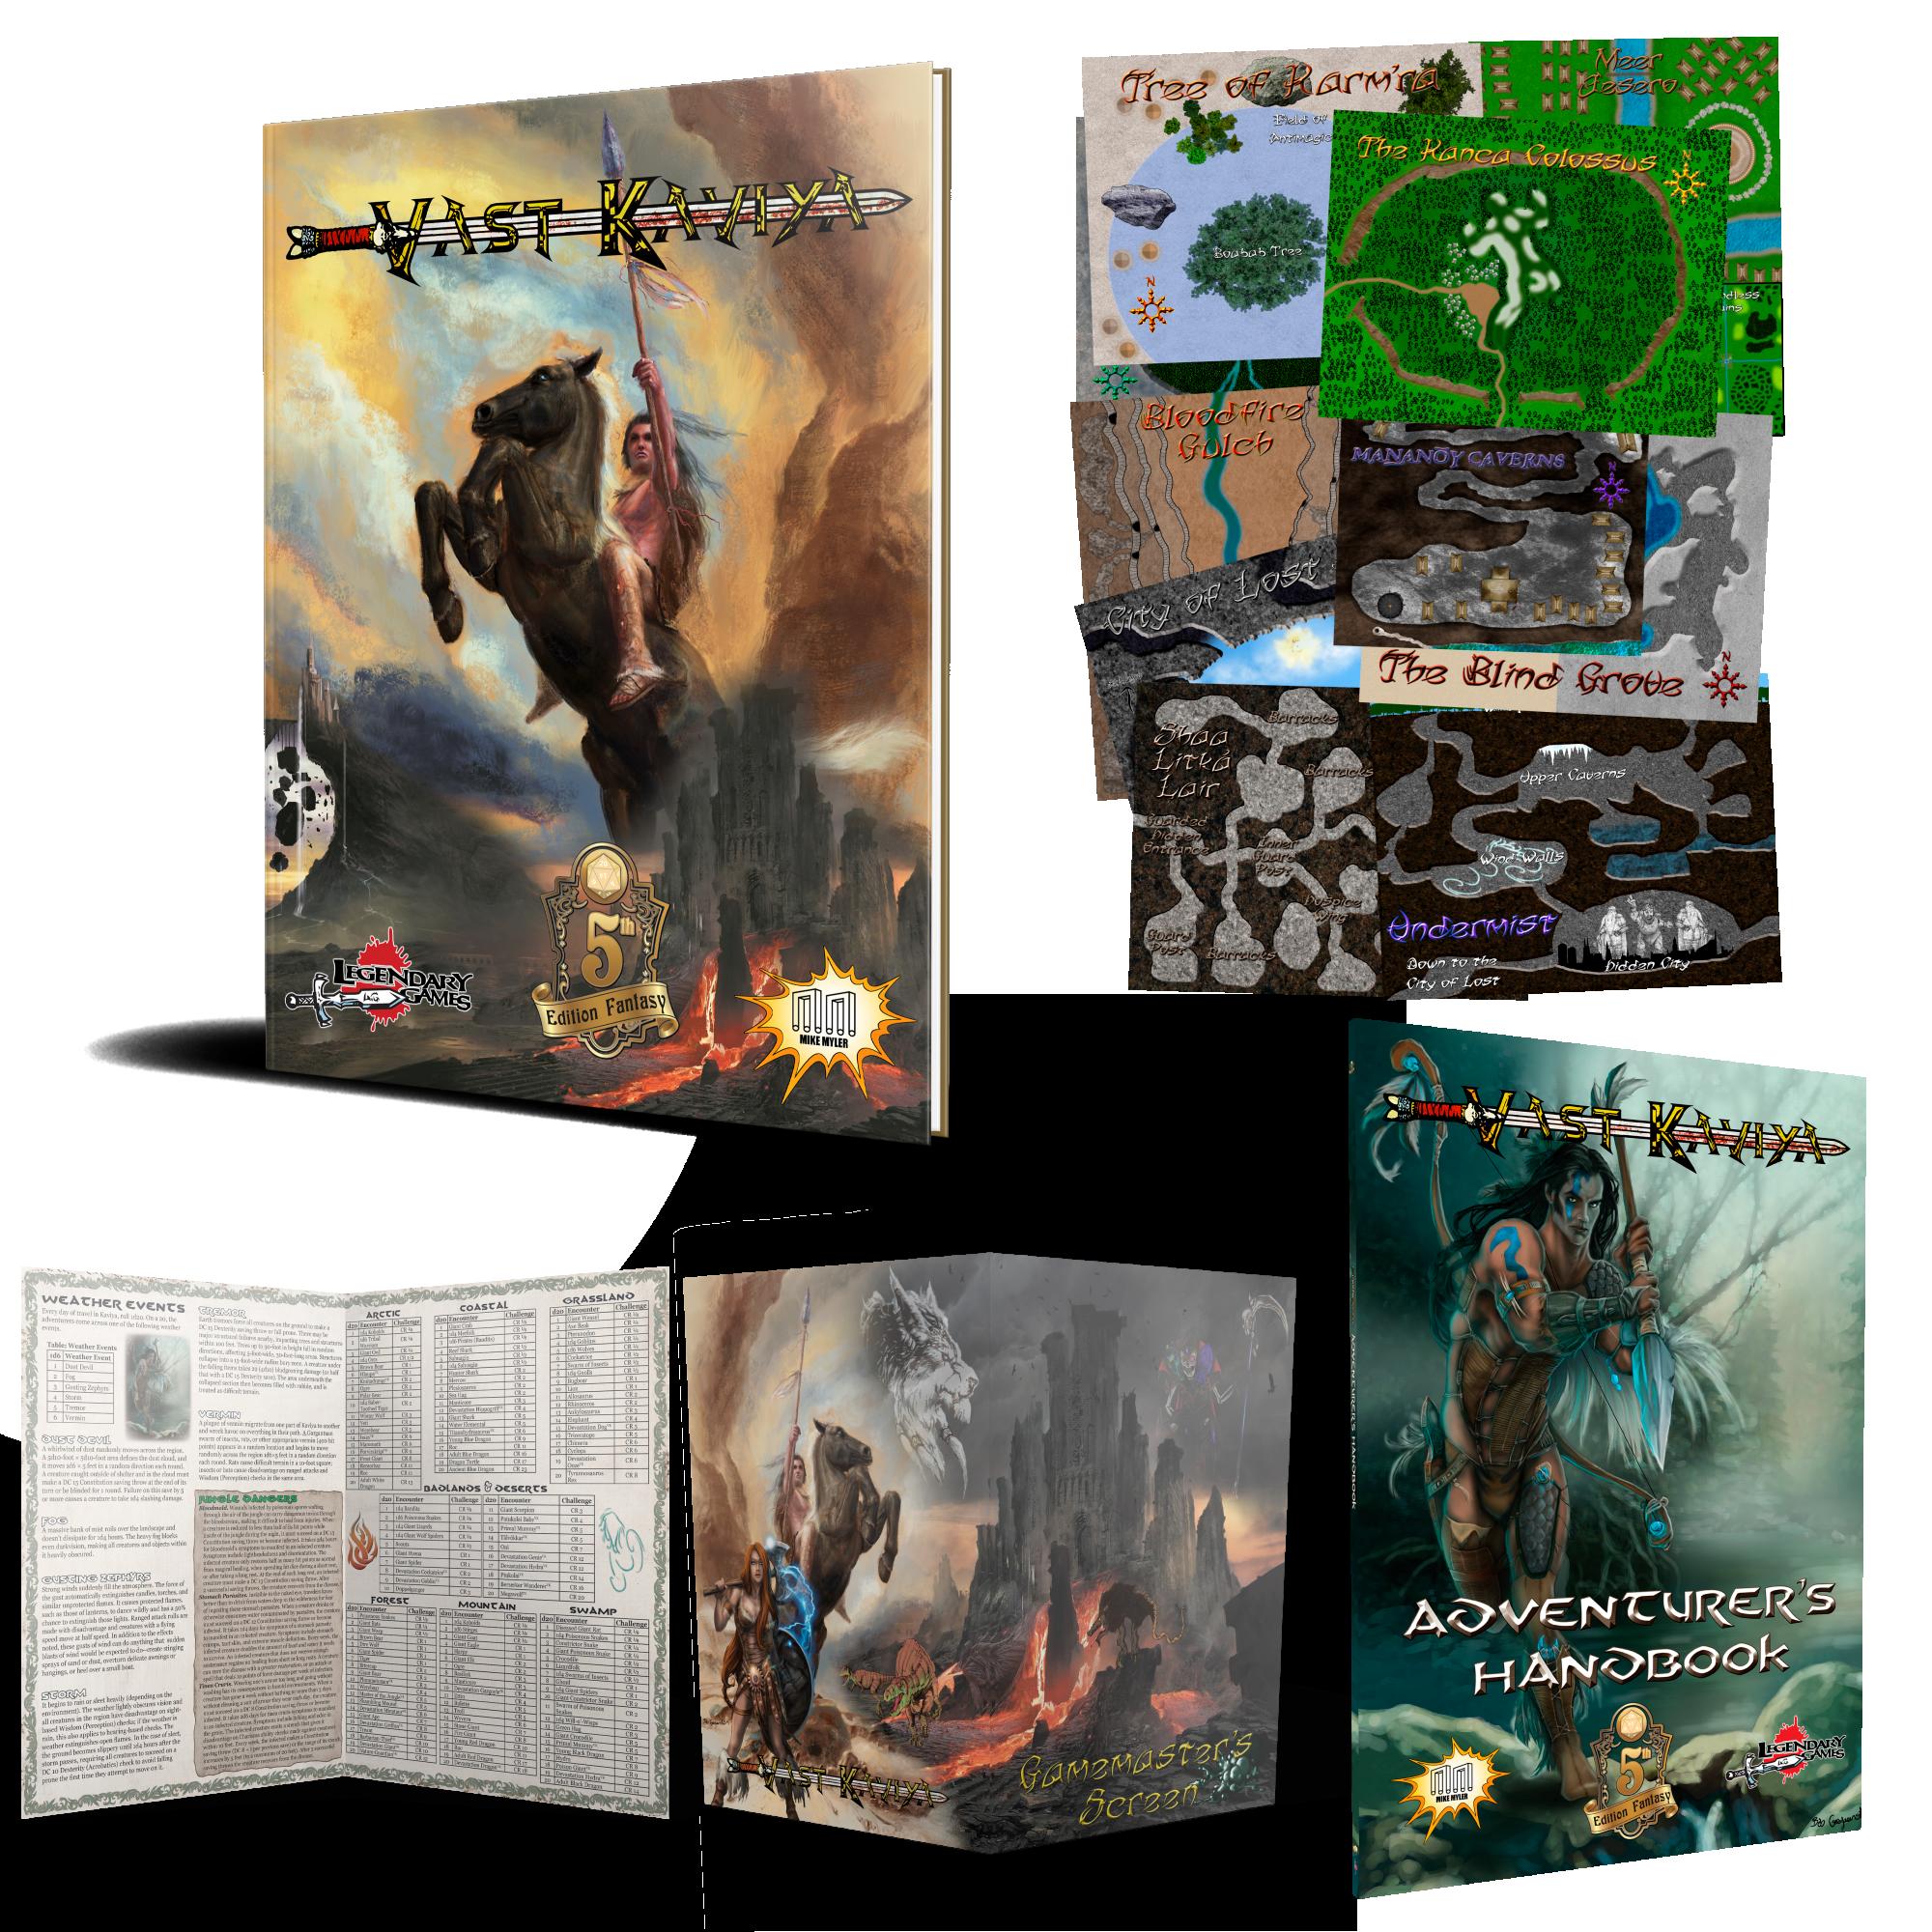 www.vastkaviya.com